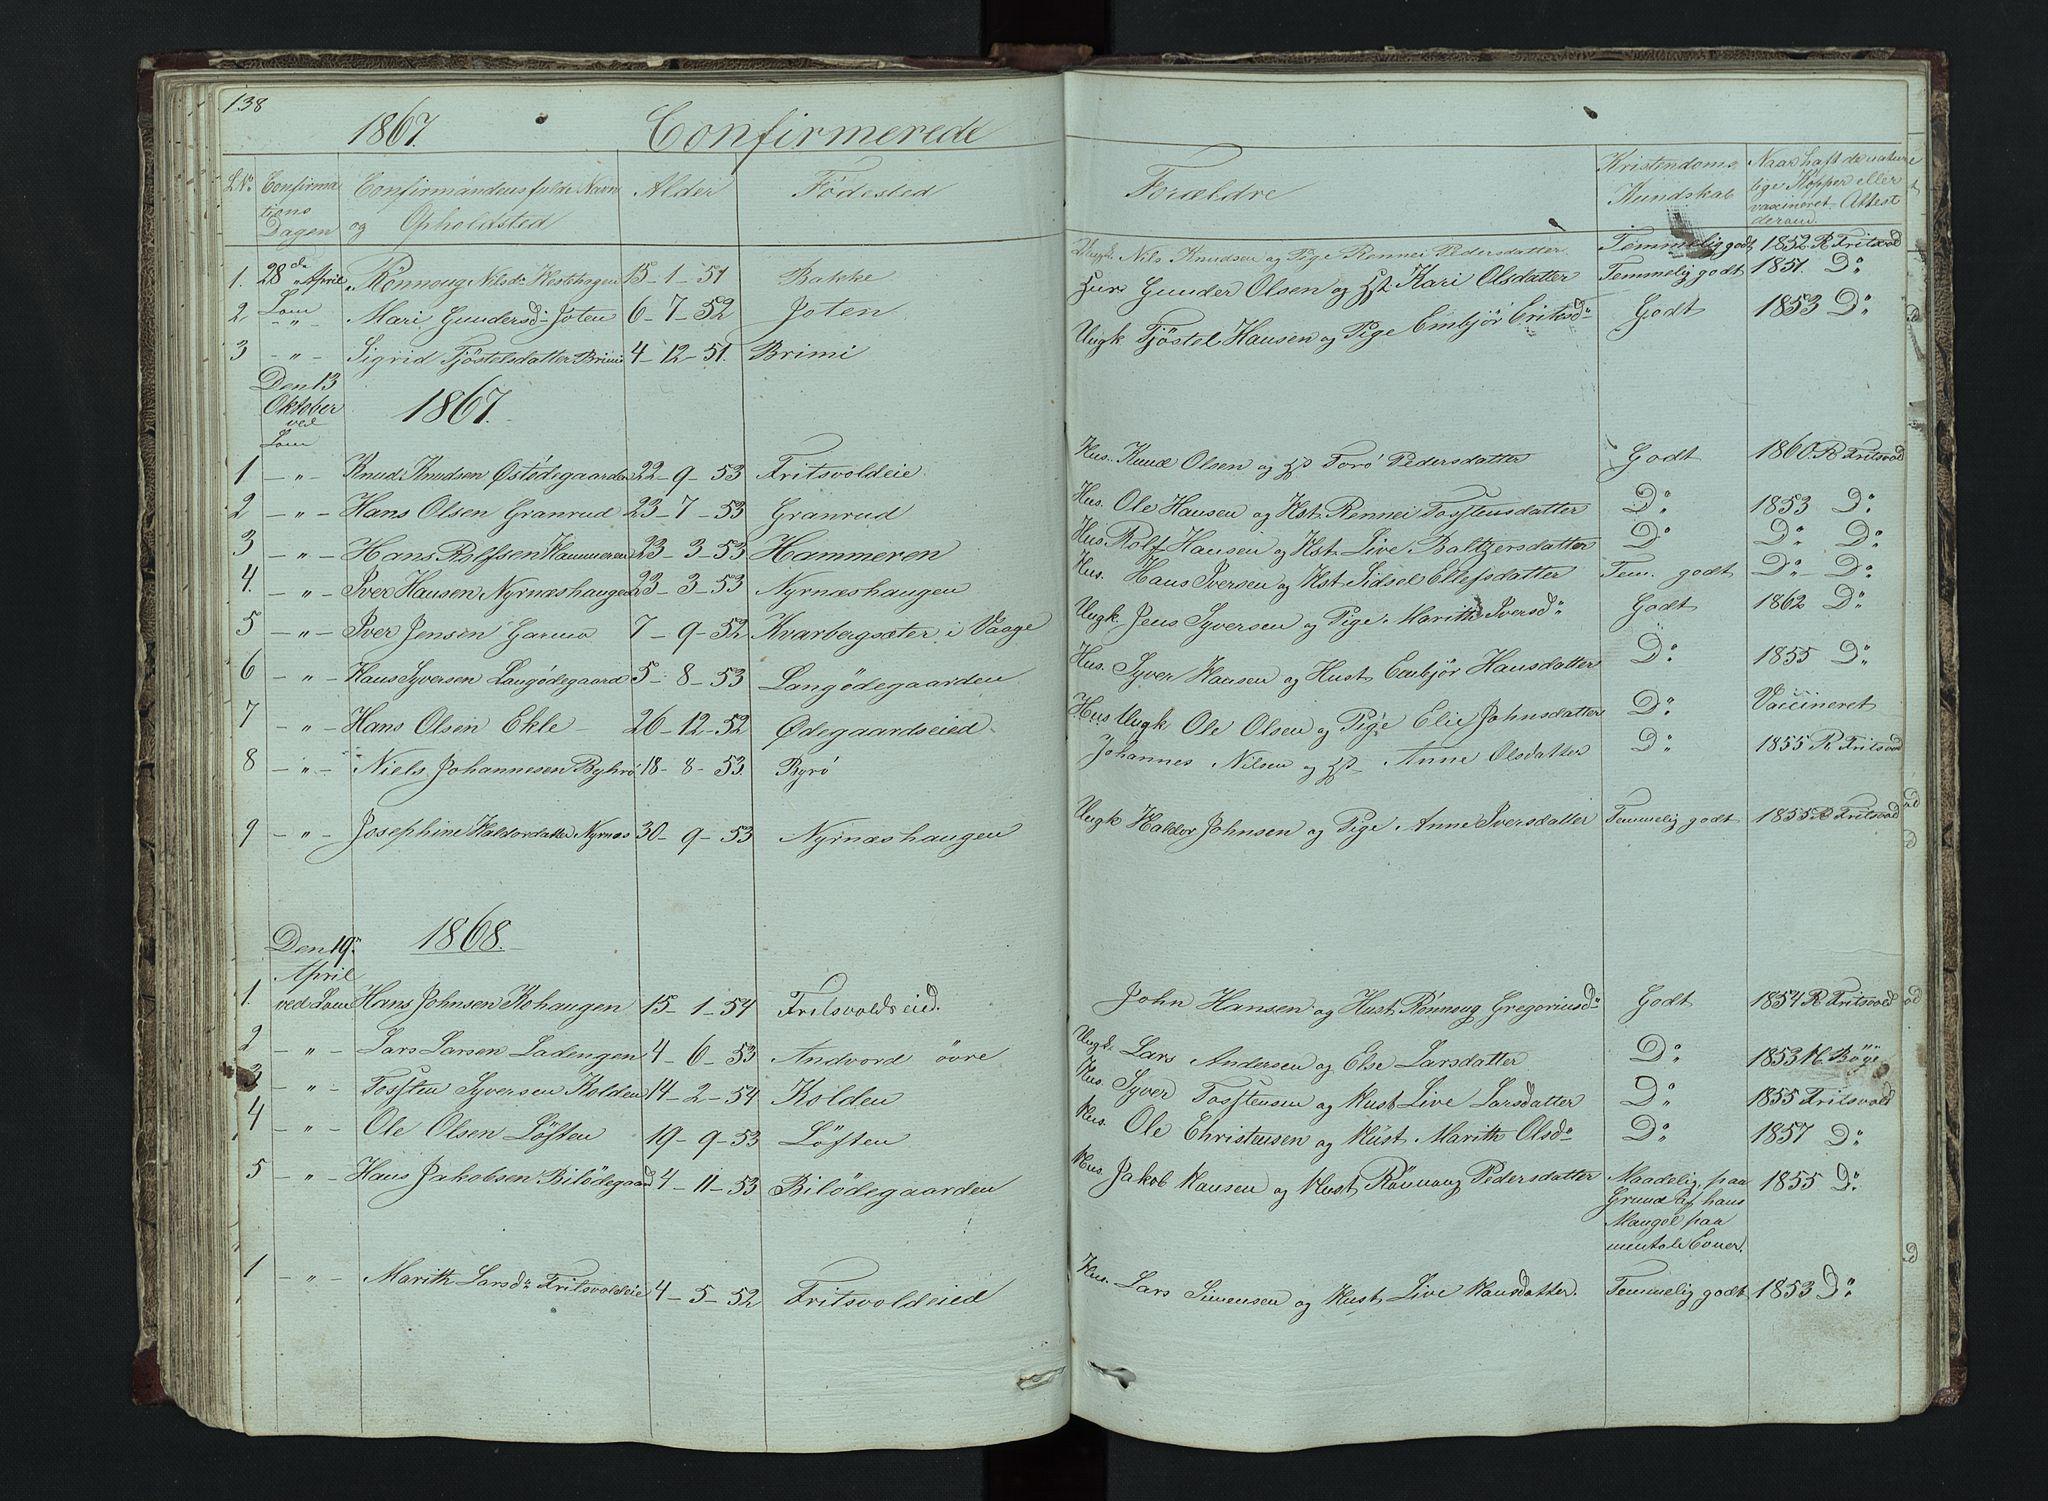 SAH, Lom prestekontor, L/L0014: Klokkerbok nr. 14, 1845-1876, s. 138-139